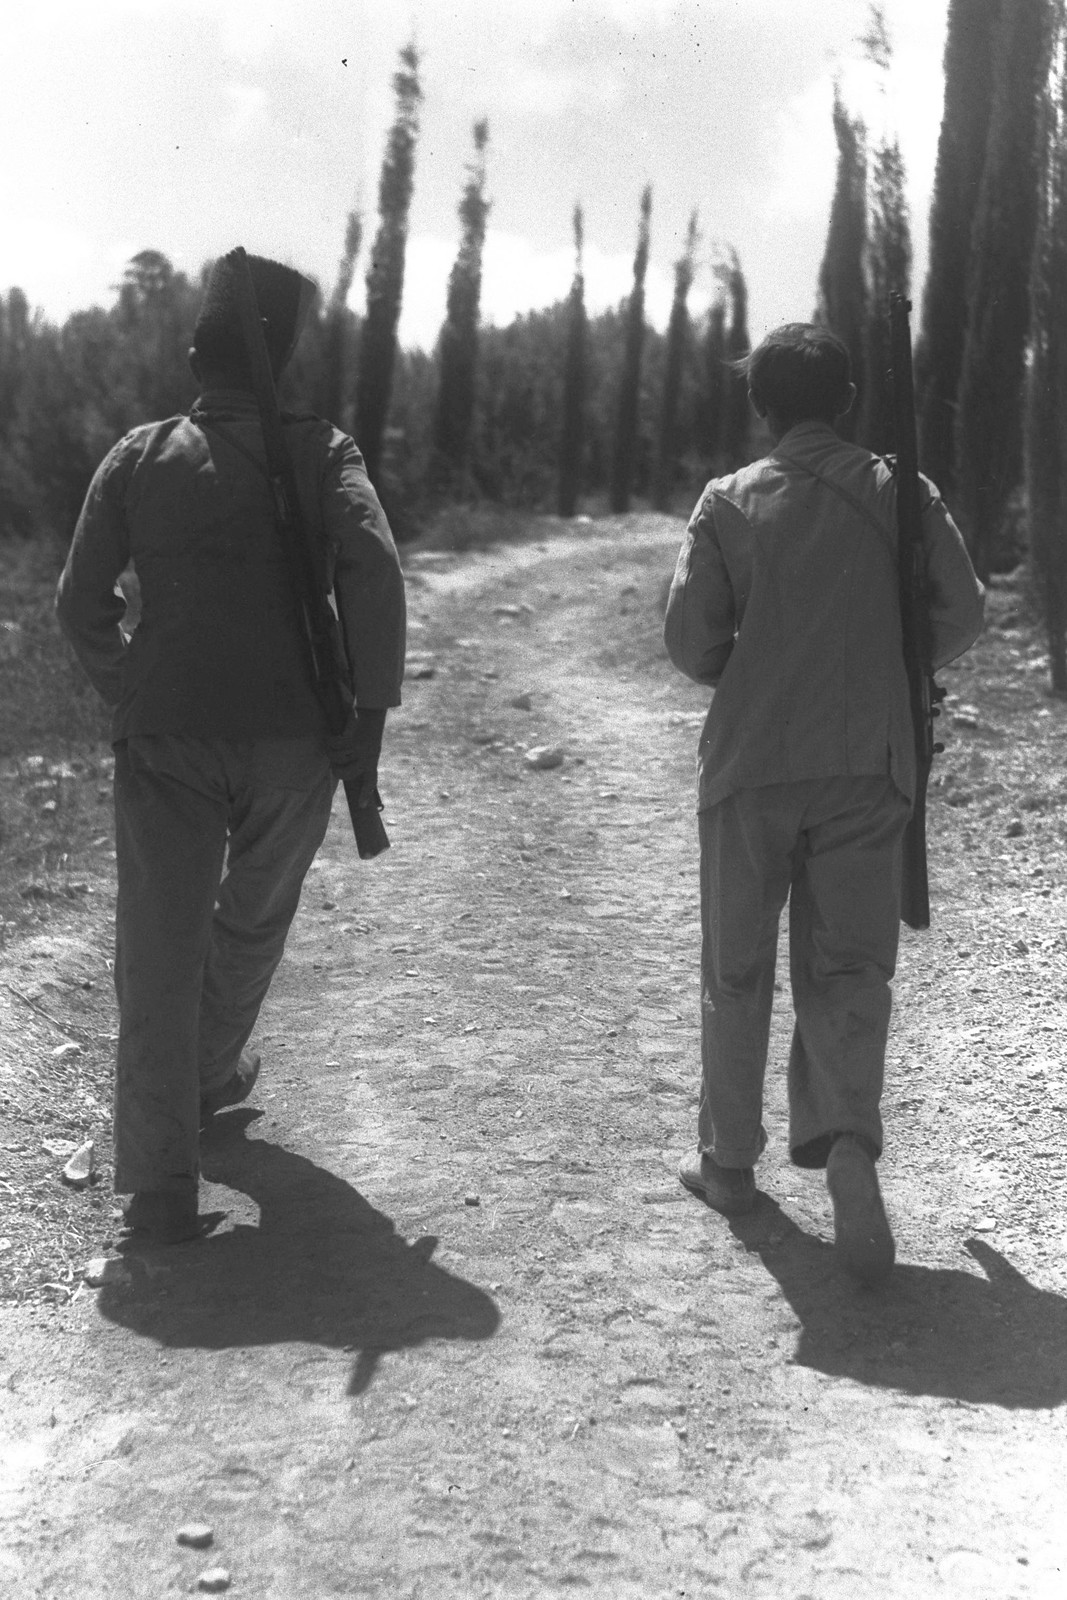 1936. Еврейская поселенческая полиция на плантации в кибуце Мишмар-ха-Эмек. 09.01.